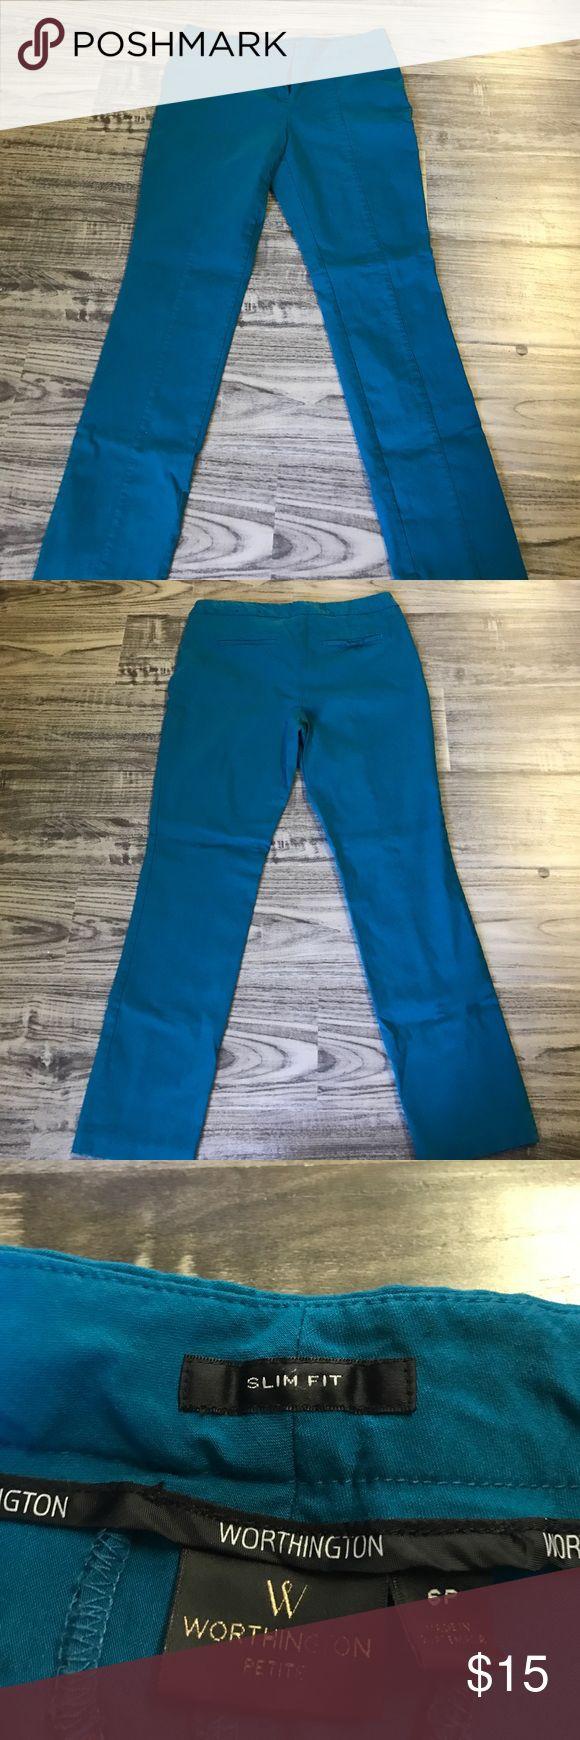 Worthington slim fit dress pants Teal Worthington slim fit dress pants size 6 Petite. Like new condition. Worthington Pants Straight Leg